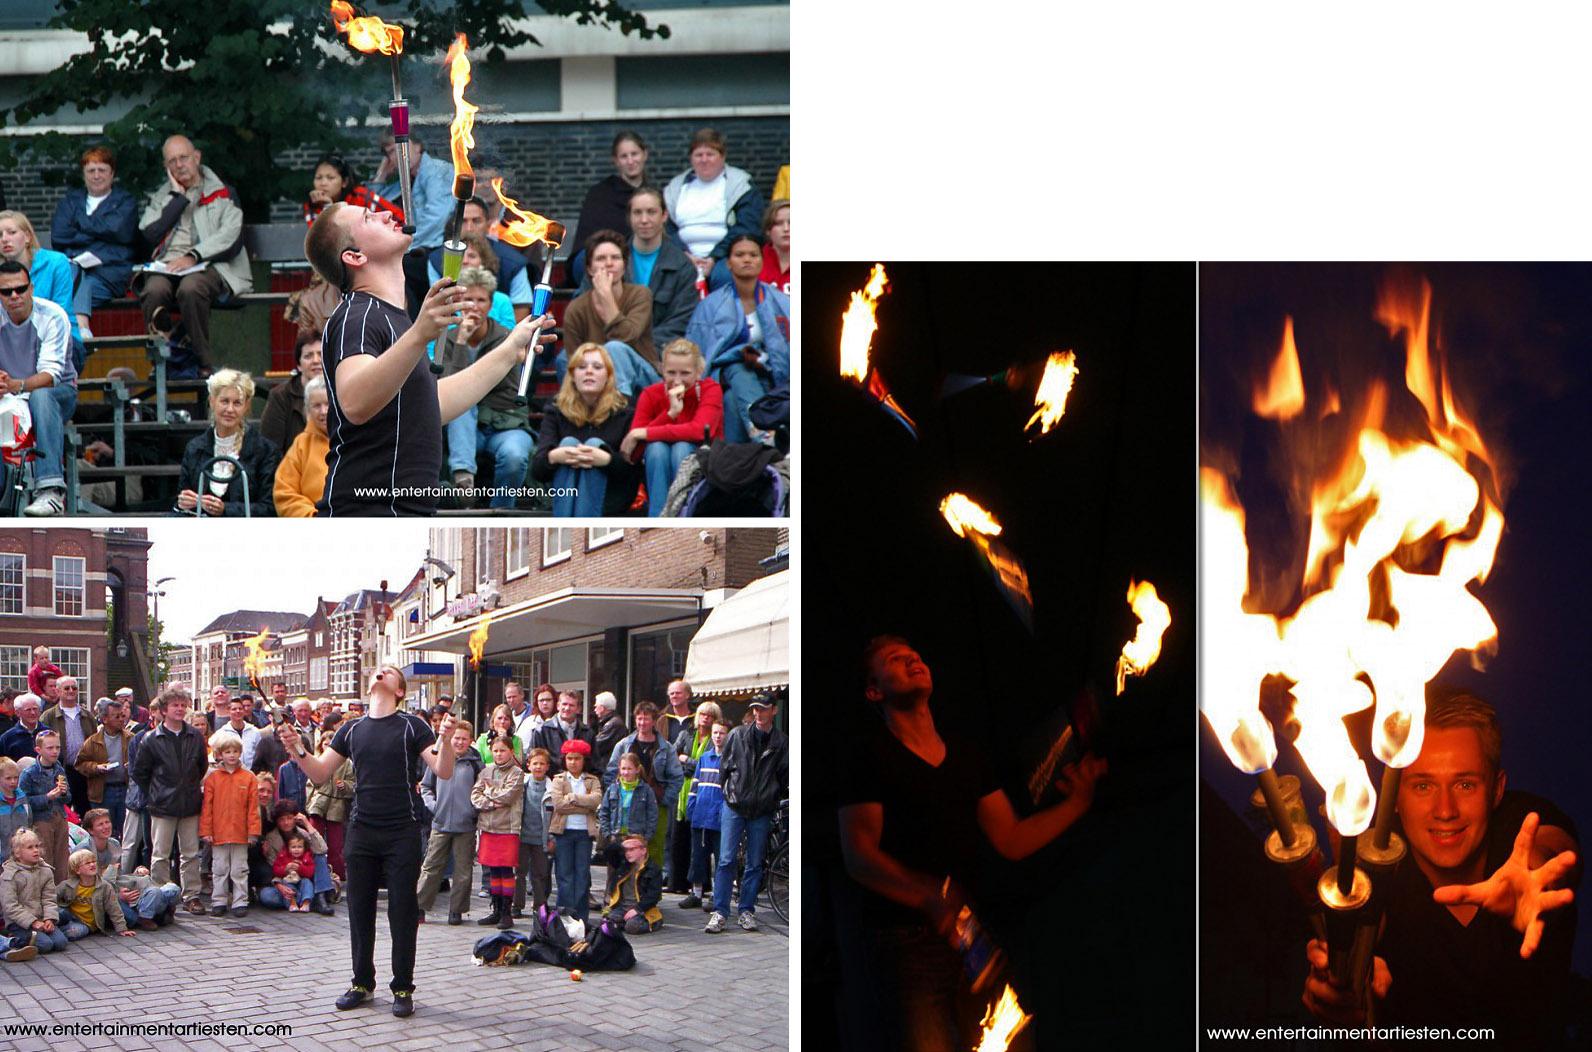 Jongleur en een van de jongste professionele artiesten in Nederland maar wel eentje met veel ervaring, jongleur boeken, vuur entertainment, straattheater, artiesten boeken, straatvoorstelling, Govers Evenementen, www.goversartiesten.nl